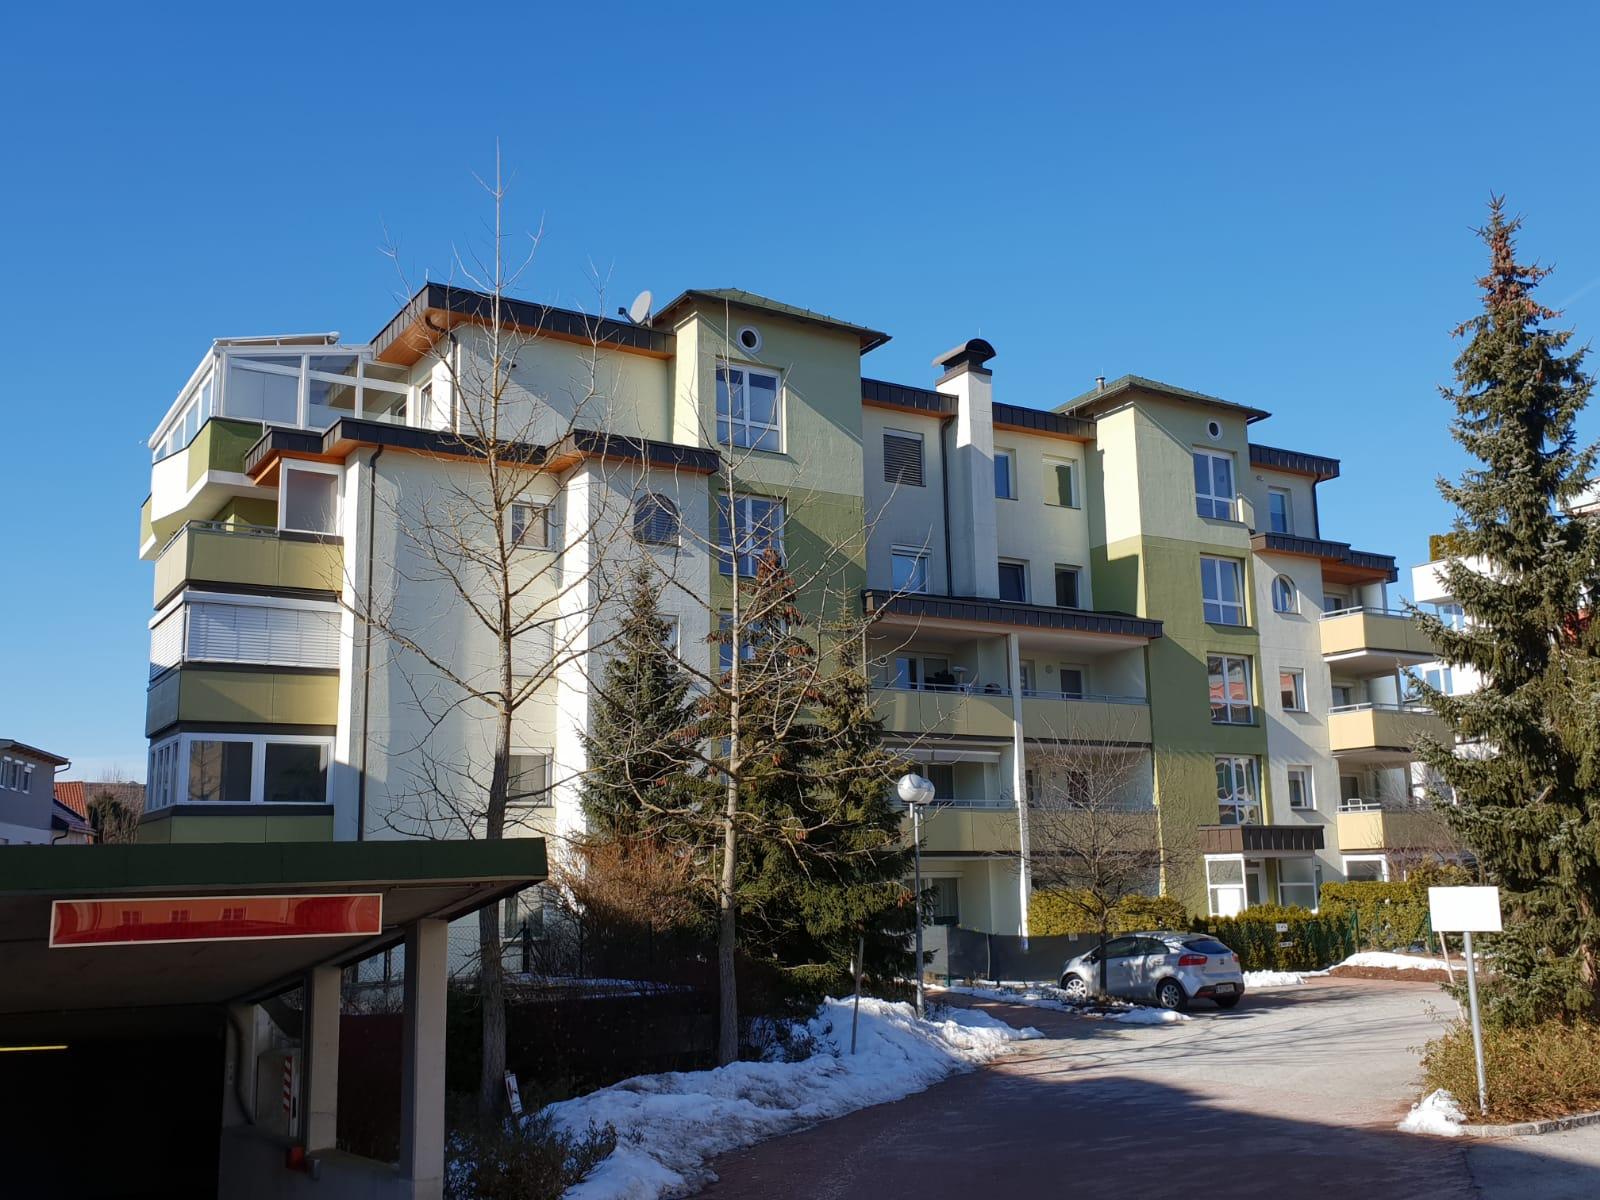 St. Veiterring, Real- Wohnbau, Cityarkaden, Stadtwohnungen, 2- Zimmer, 3- Zimmer, 4- Zimmer, Penthouse, Innenstadt, Klagenfurt,